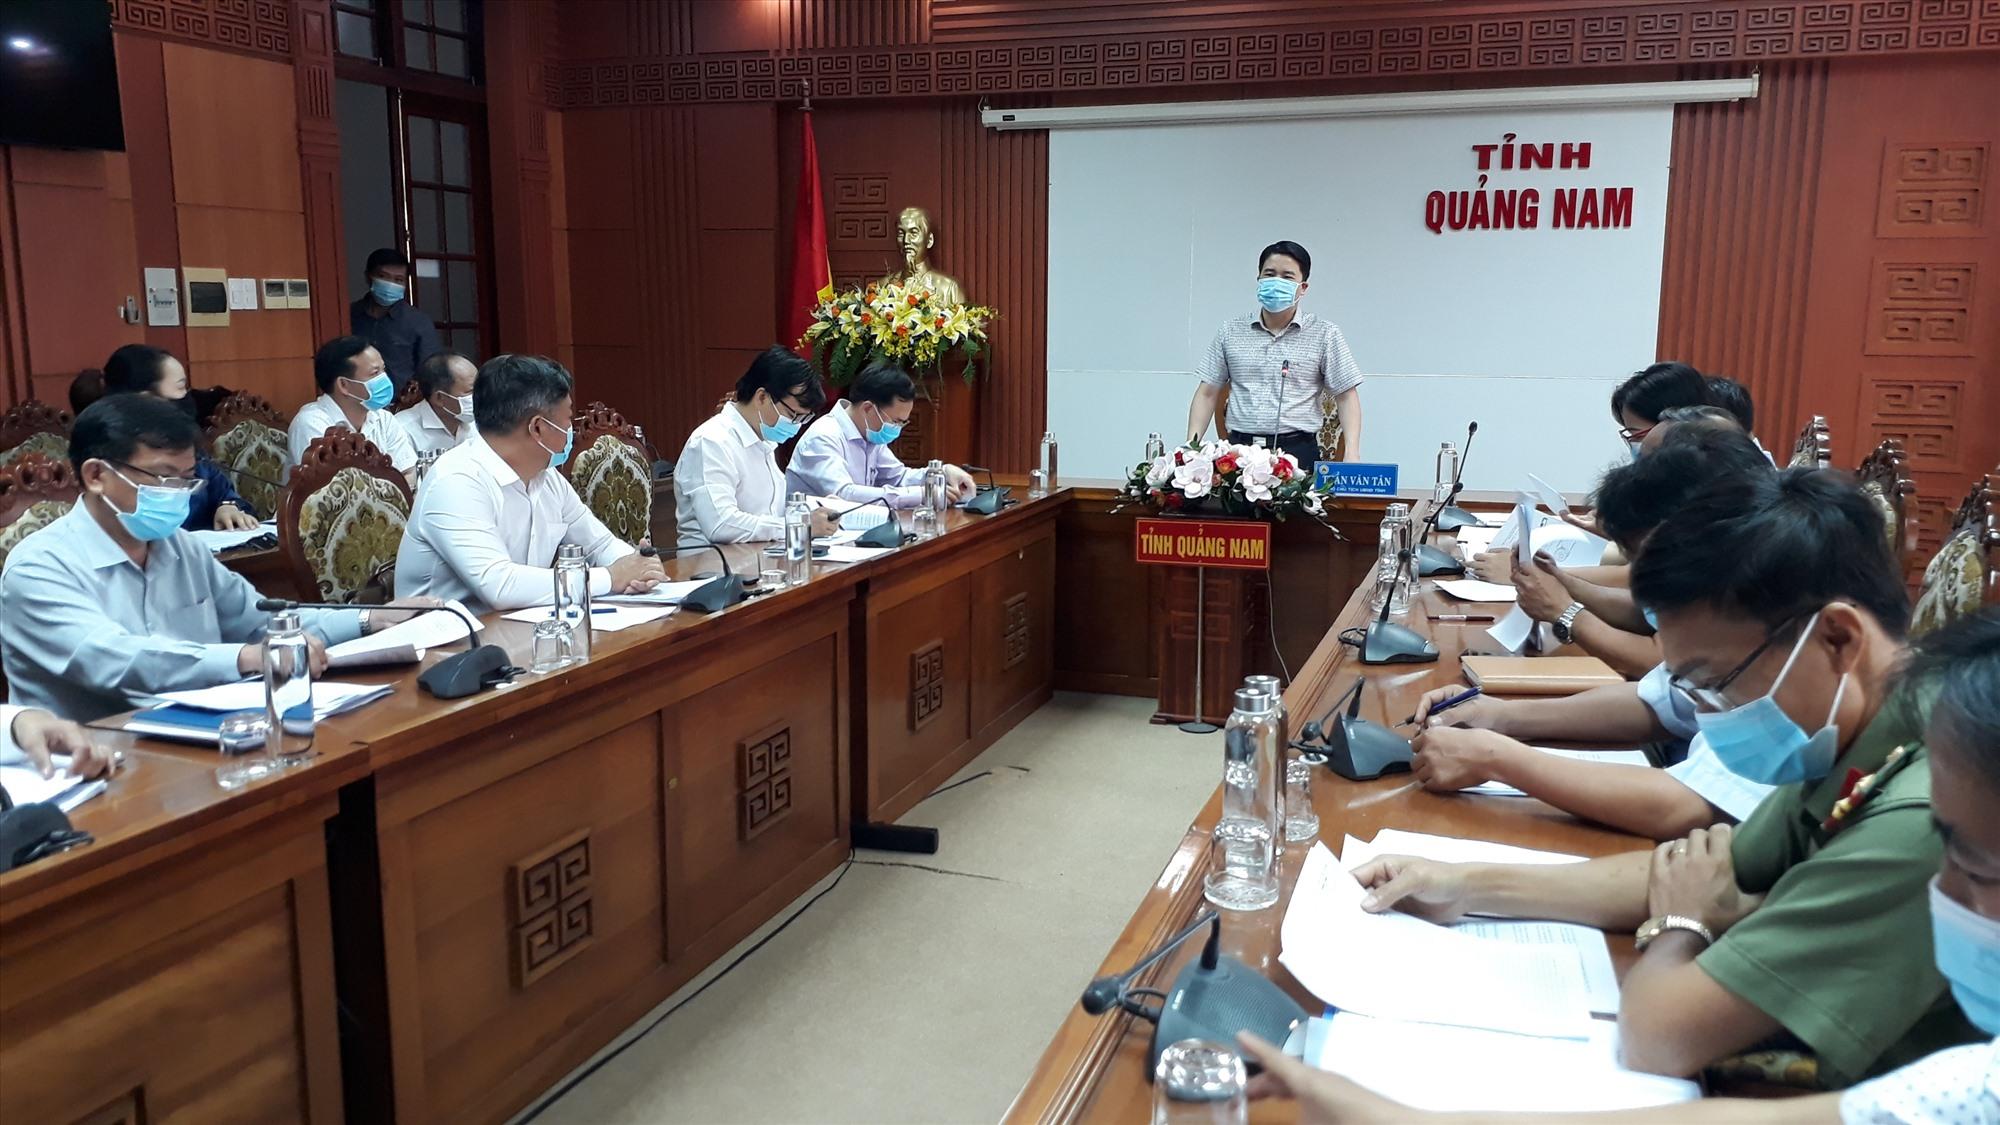 Phó chủ tịch UBND tỉnh Trần Văn Tân phát biểu tại cuộc họp. Ảnh: X.P